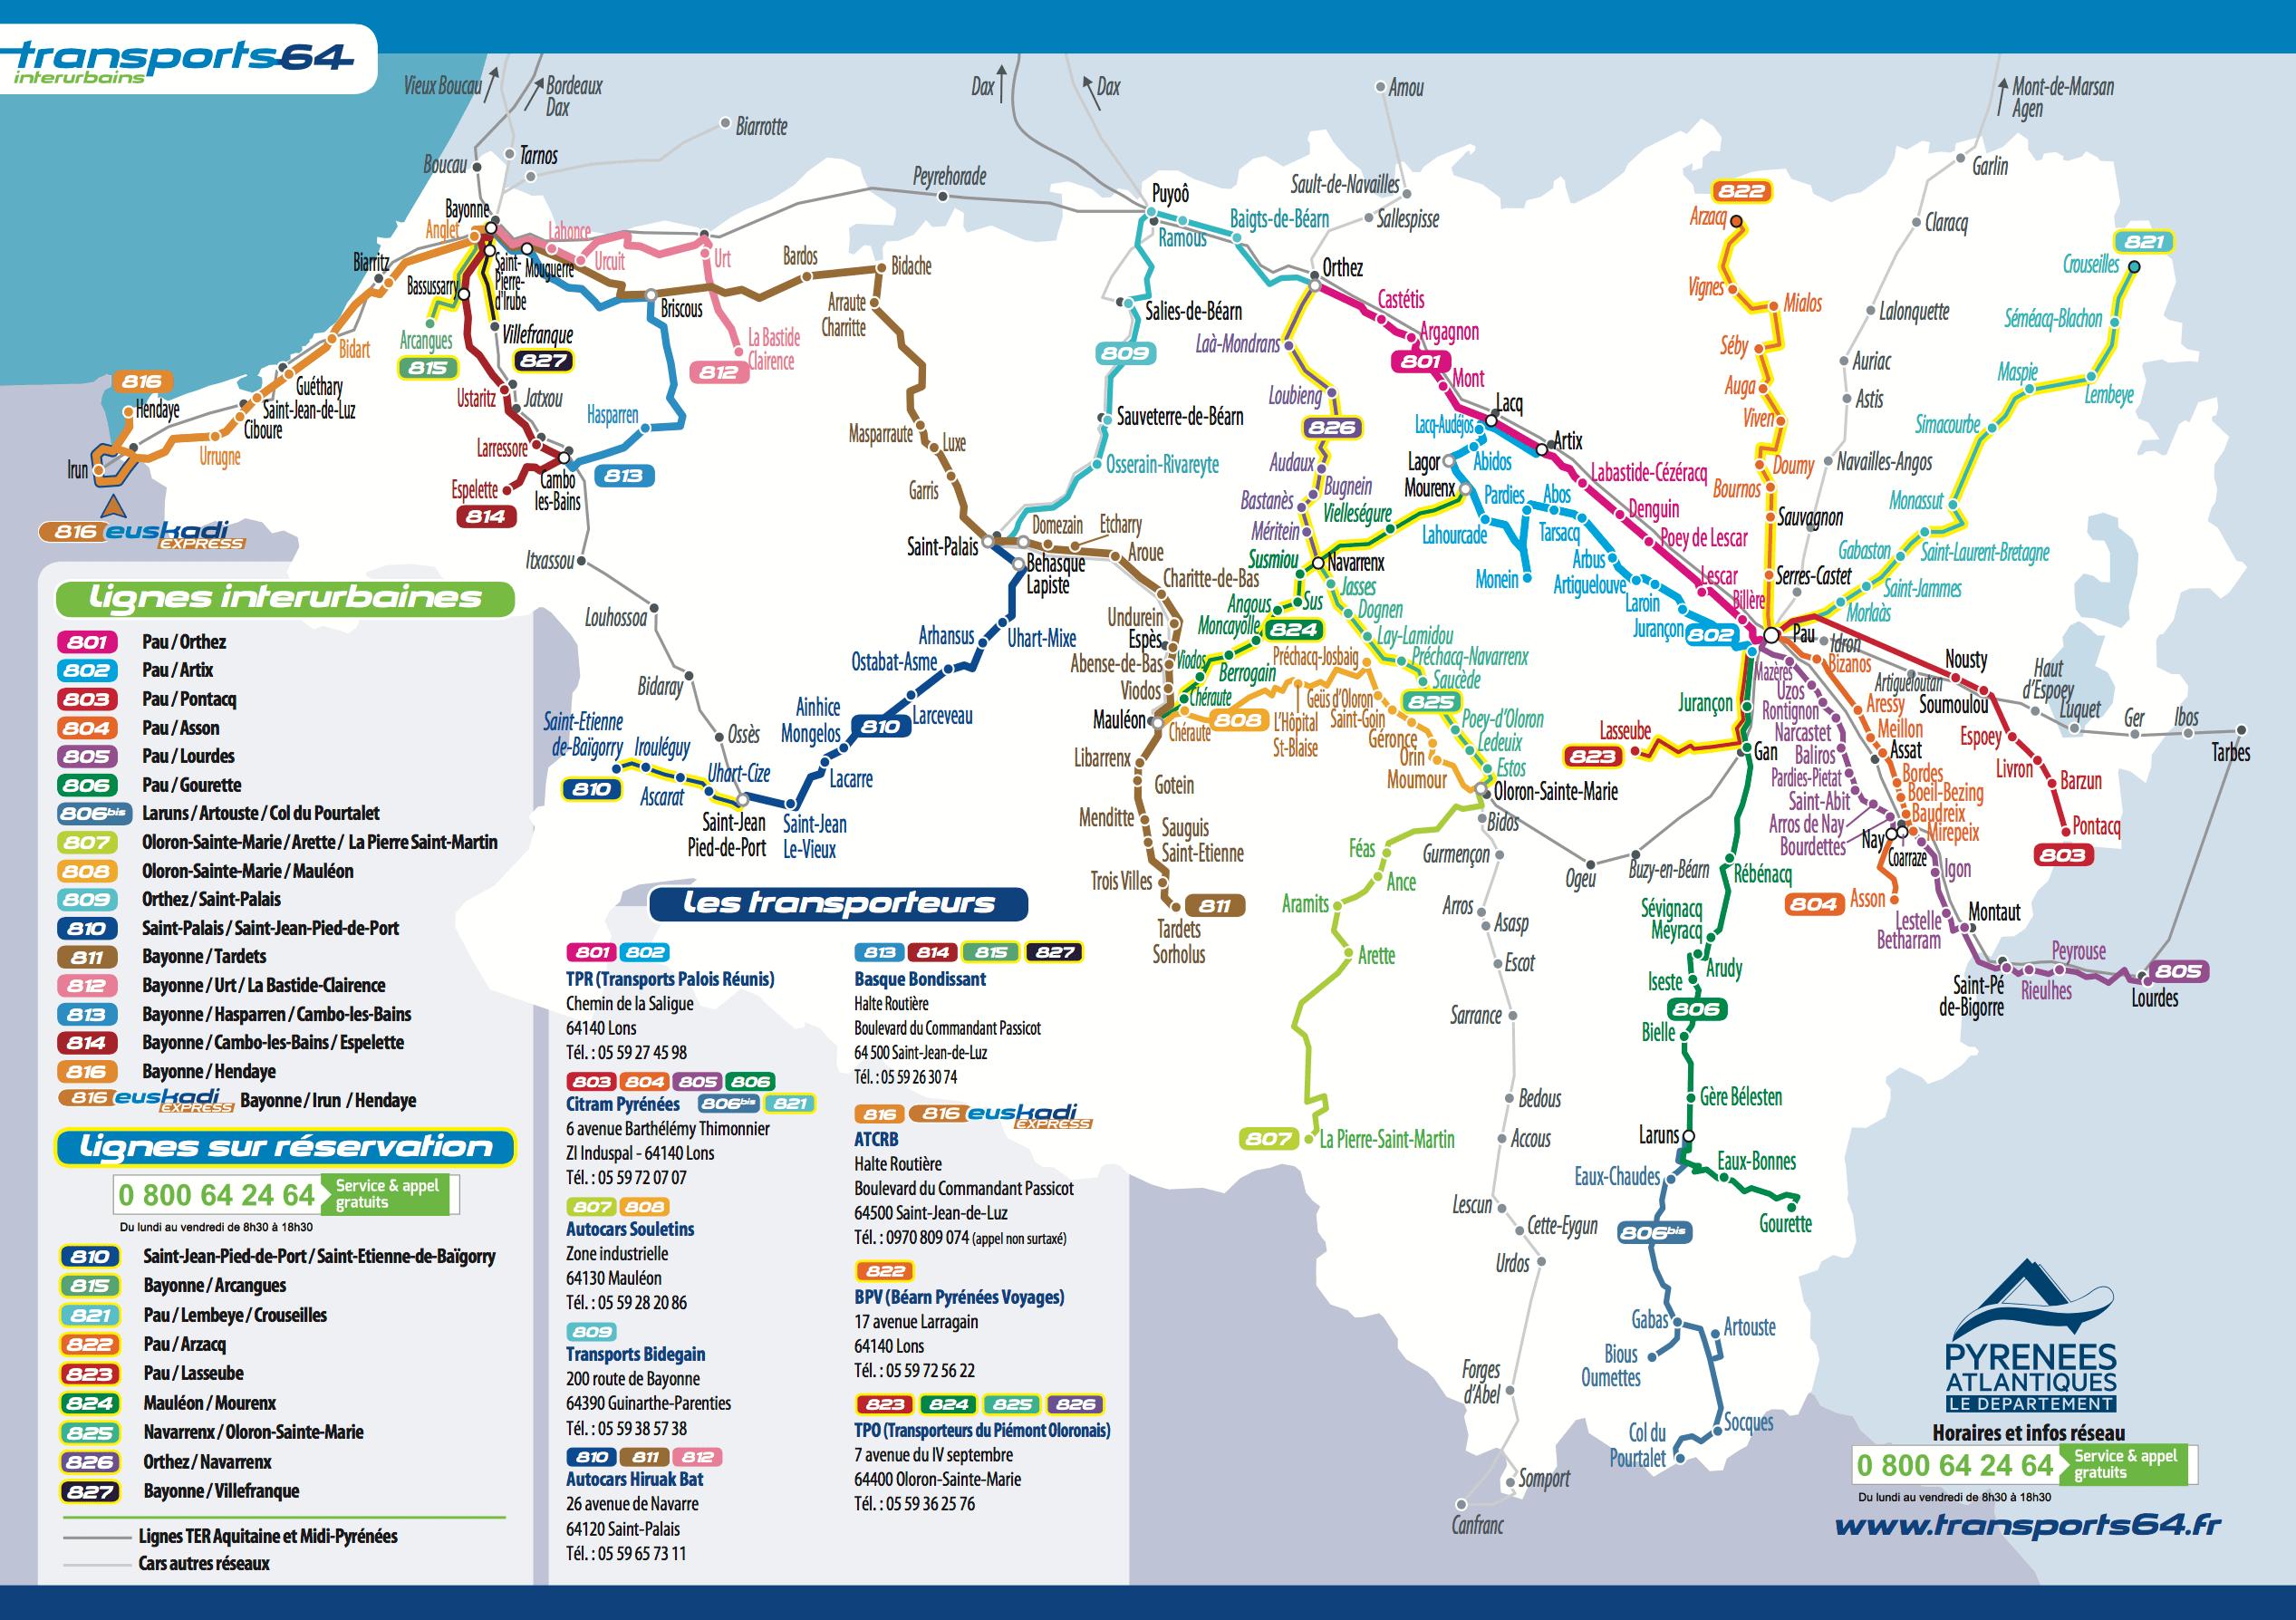 Carte des lignes de bus - Transports 64